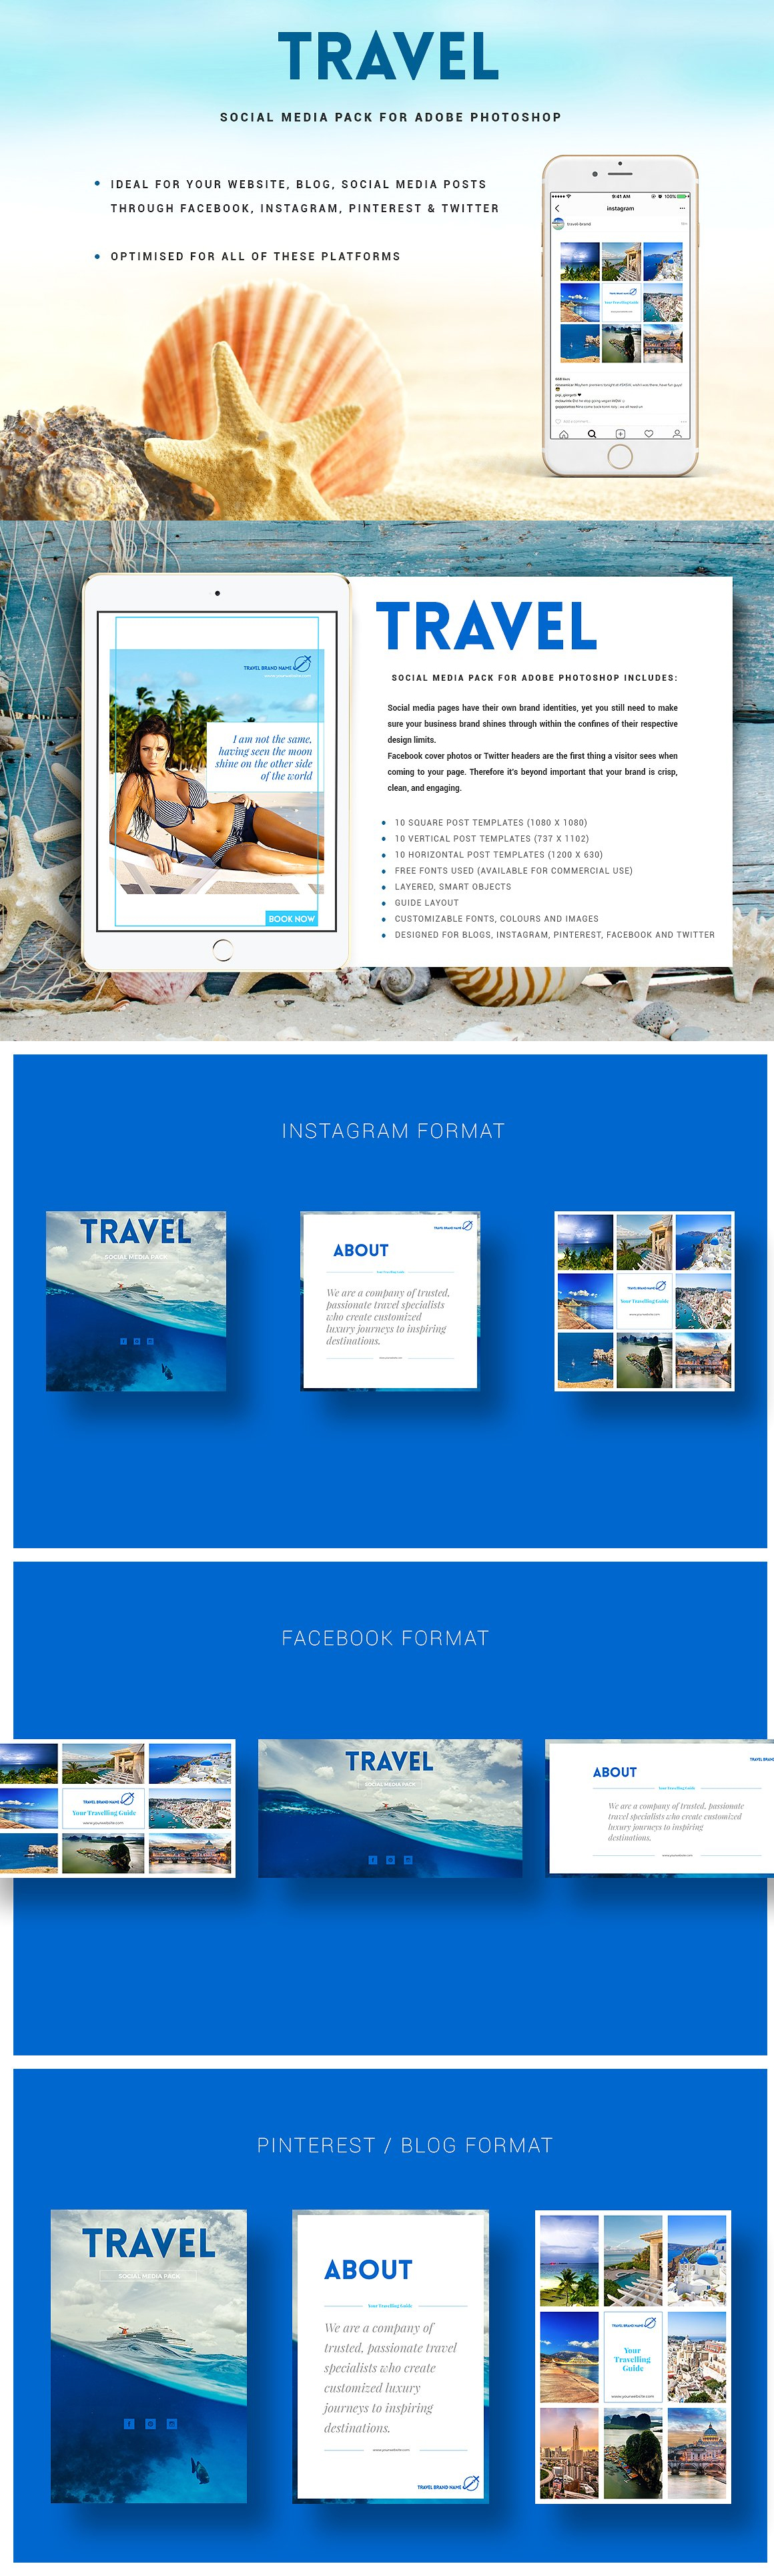 travel social media pack templates psd social media templates